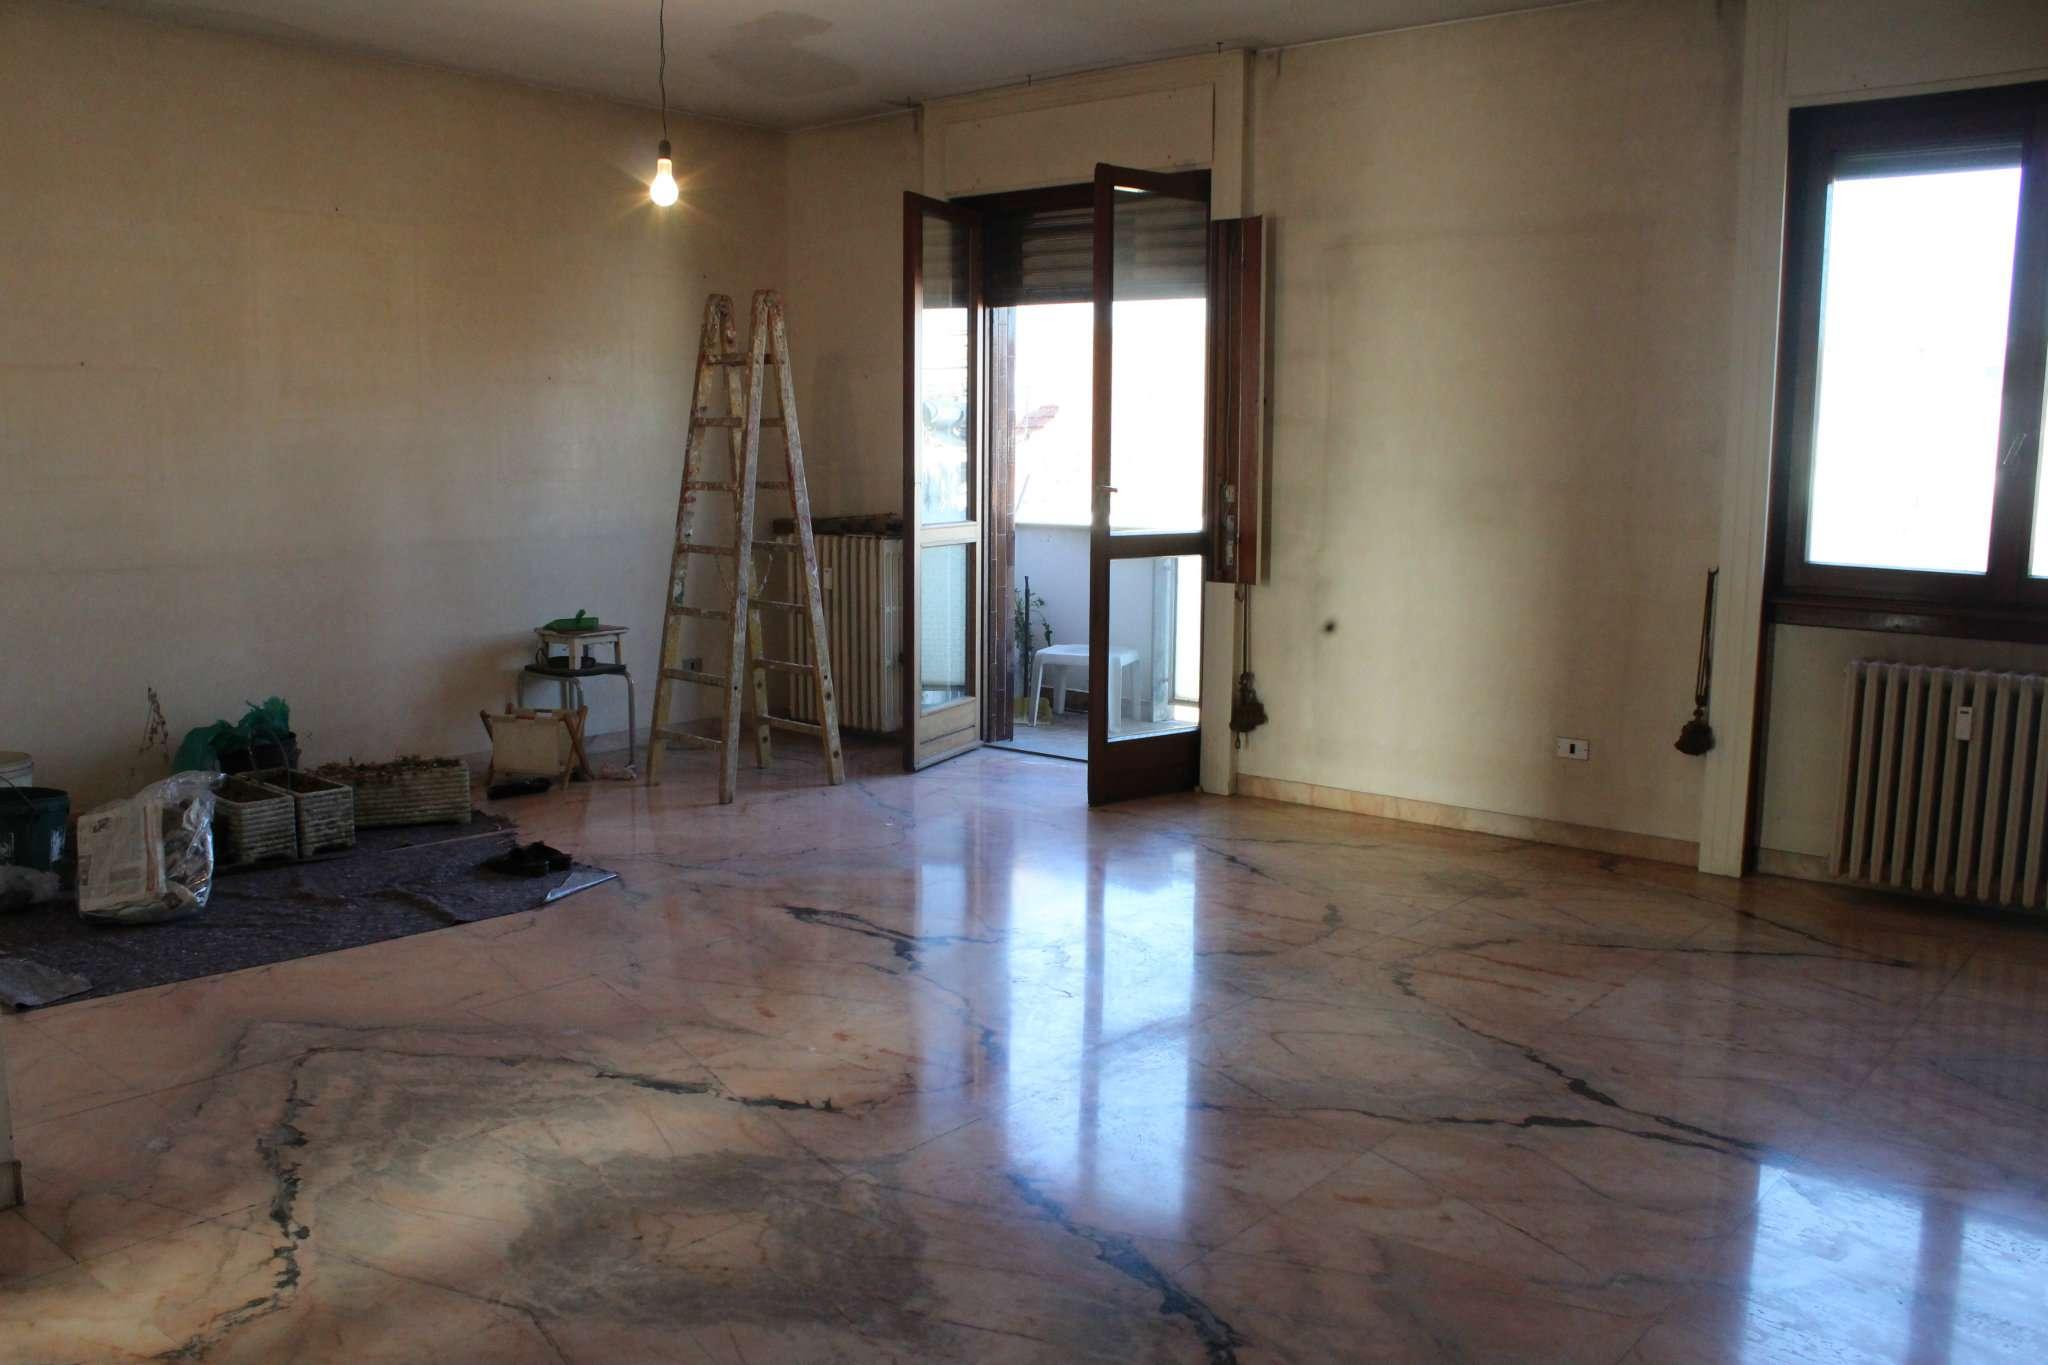 Appartamento in vendita a Milano, 4 locali, zona Zona: 3 . Bicocca, Greco, Monza, Palmanova, Padova, prezzo € 310.000 | Cambio Casa.it